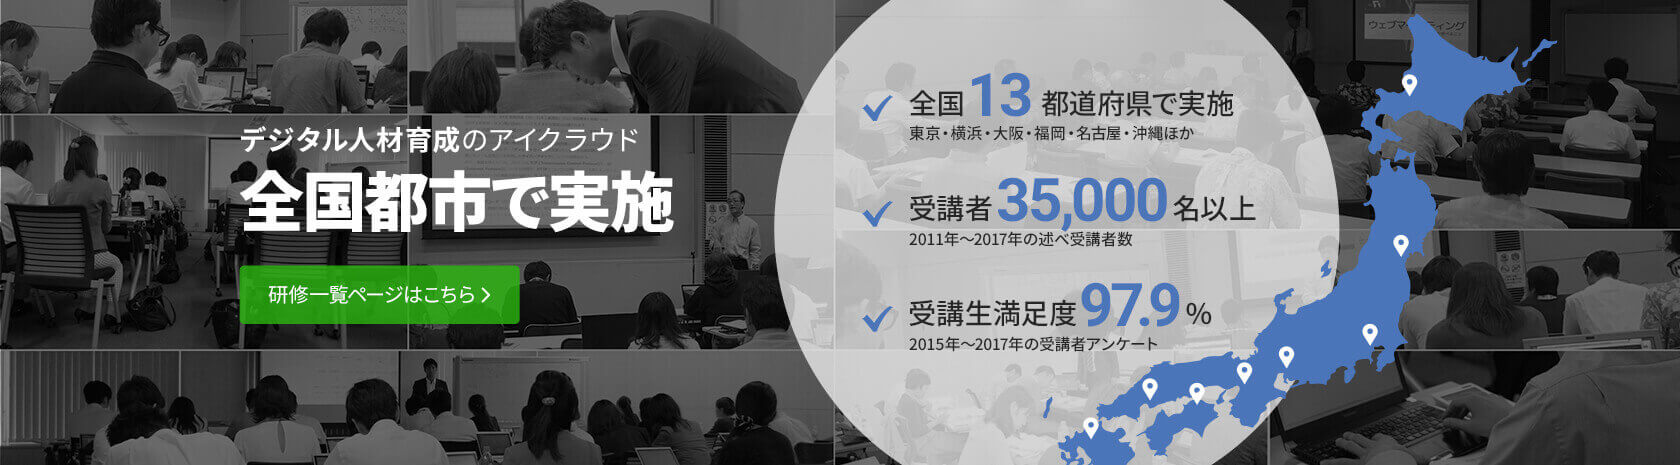 アイクラウドの企業研修は全国13都市で実施!受講者数35,000名以上、満足度97.9%